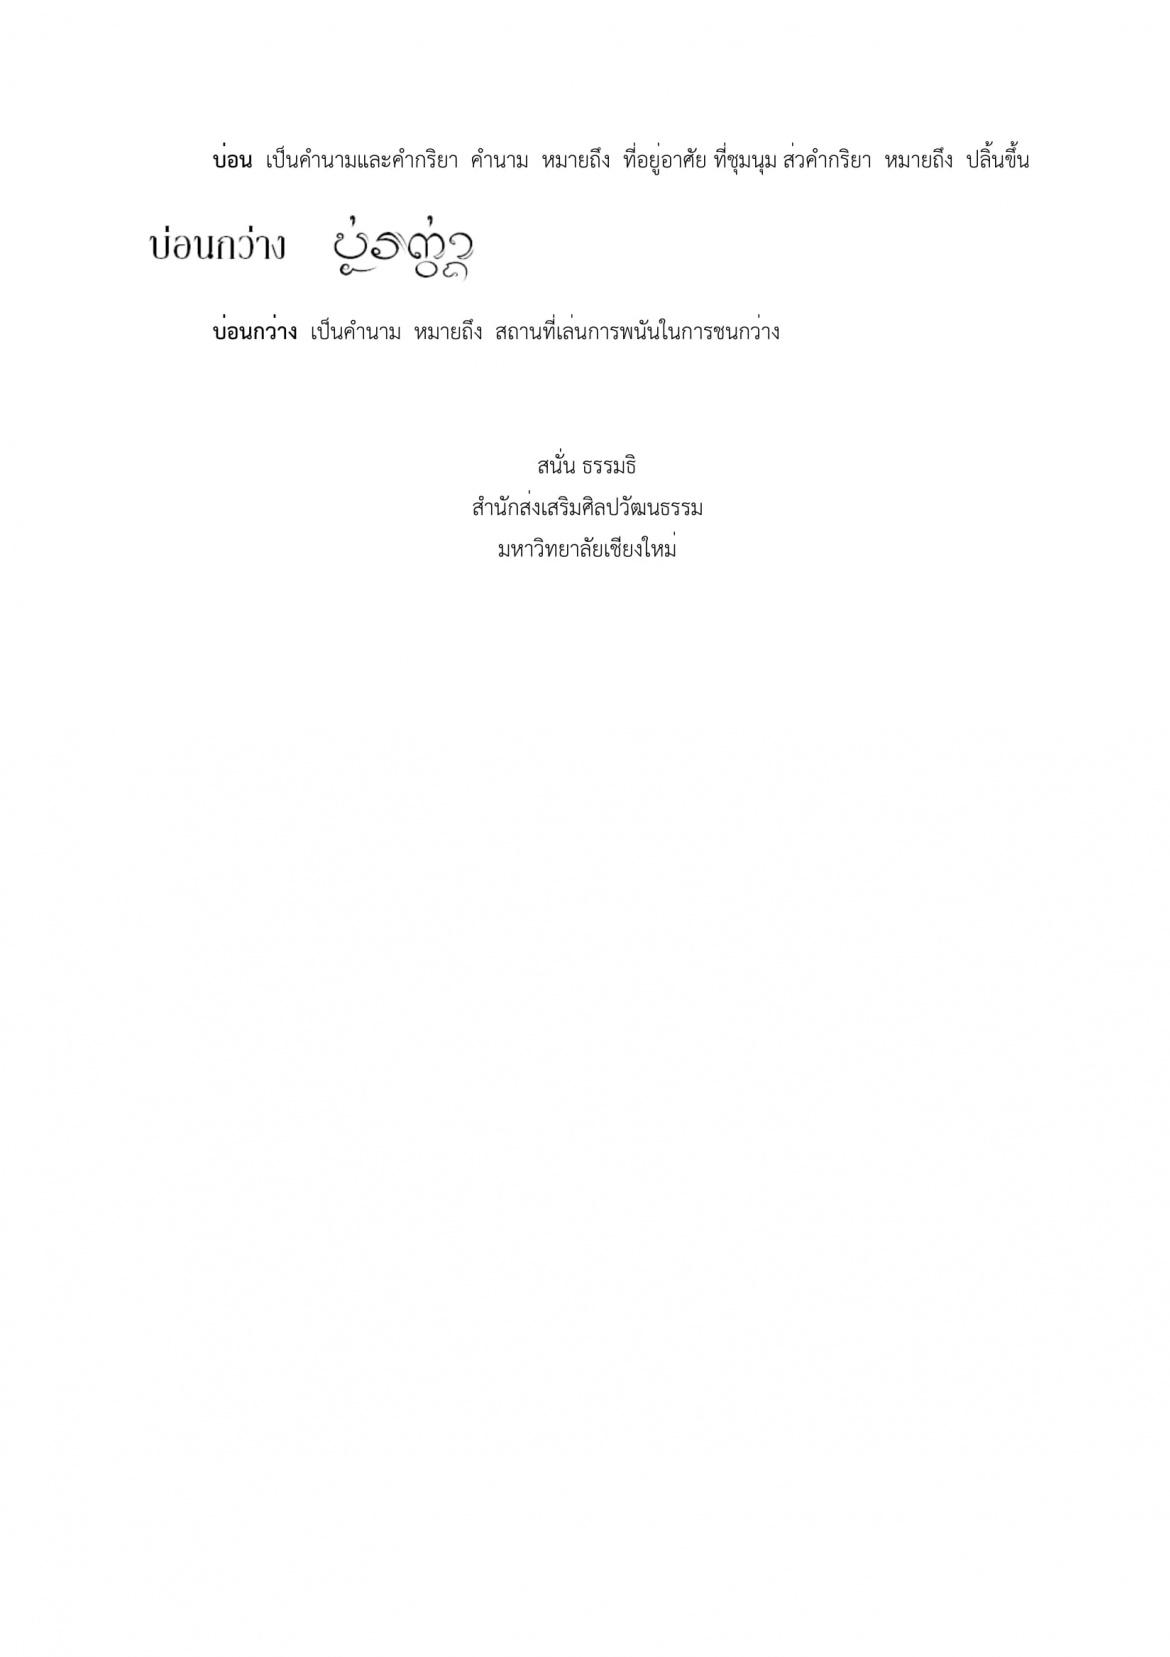 บองแบง บ่อนกว่าง - 20 มีนาคม 2561